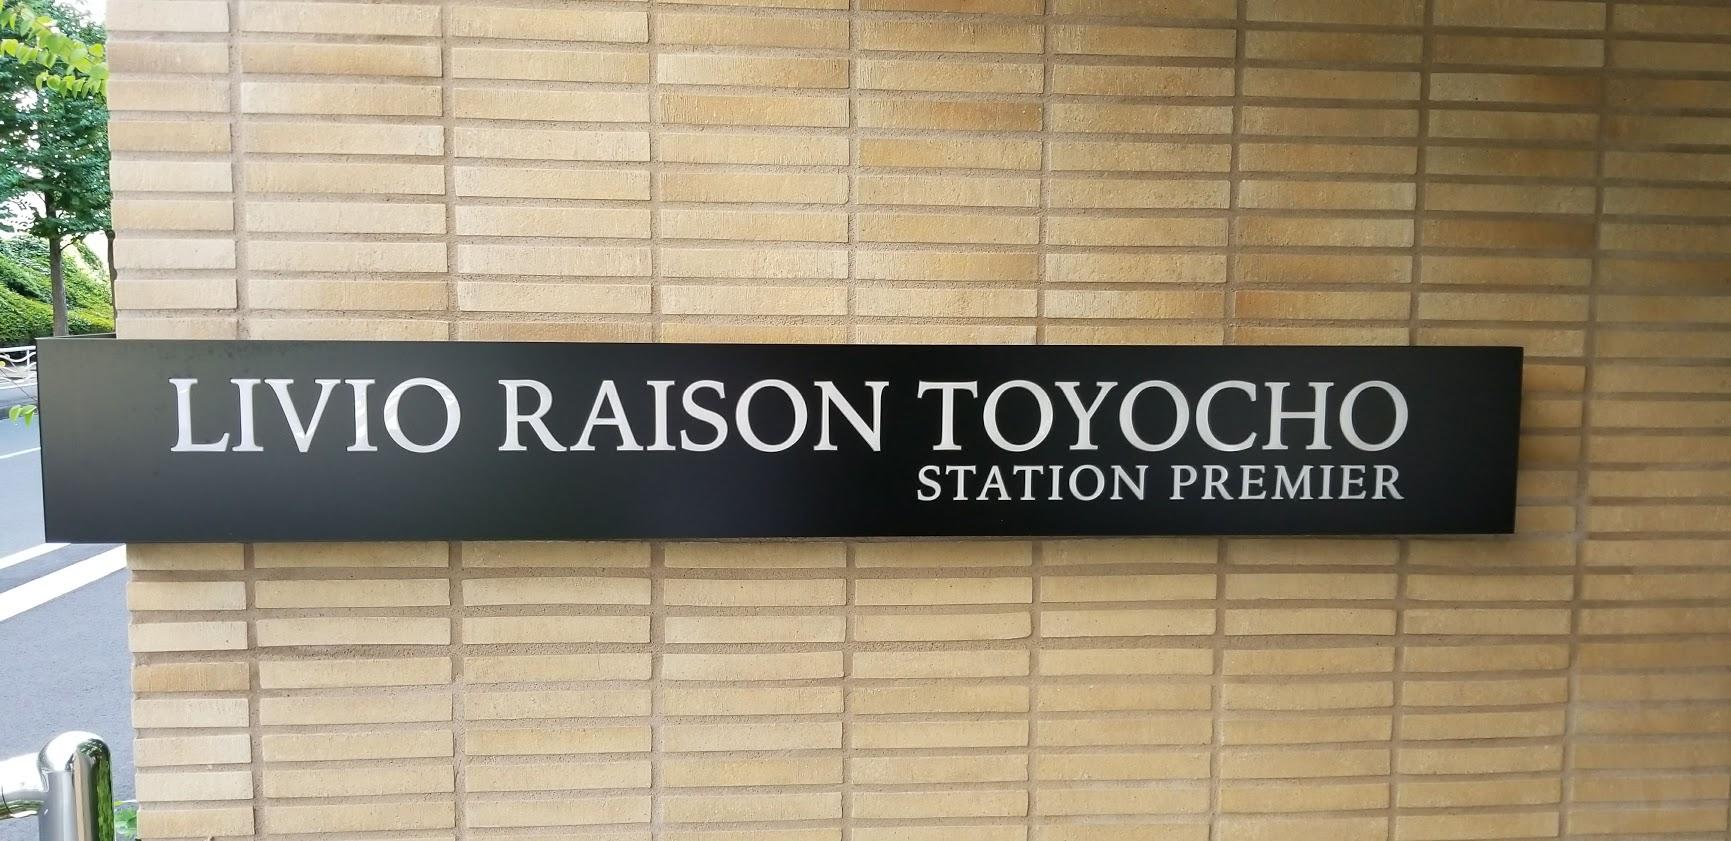 リビオレゾン東陽町ステーションプレミアの館銘板